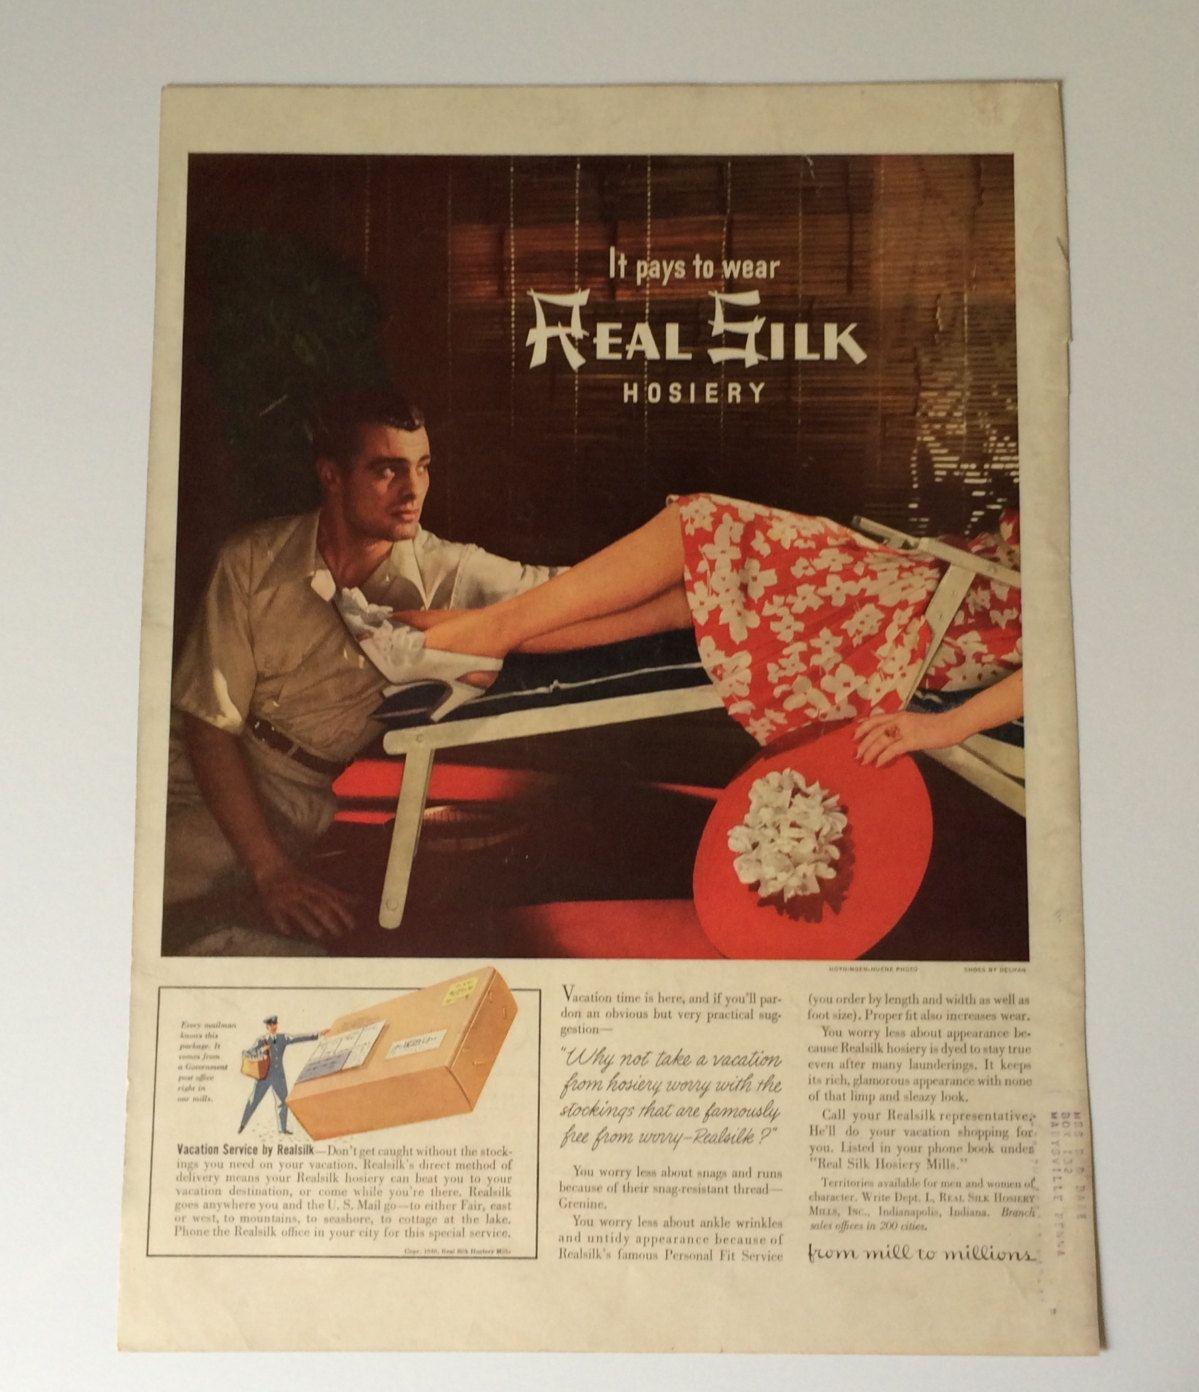 1940s Real Silk Hosiery Ad Vintage Wall Art on Reverse Side is Hiram Walker…